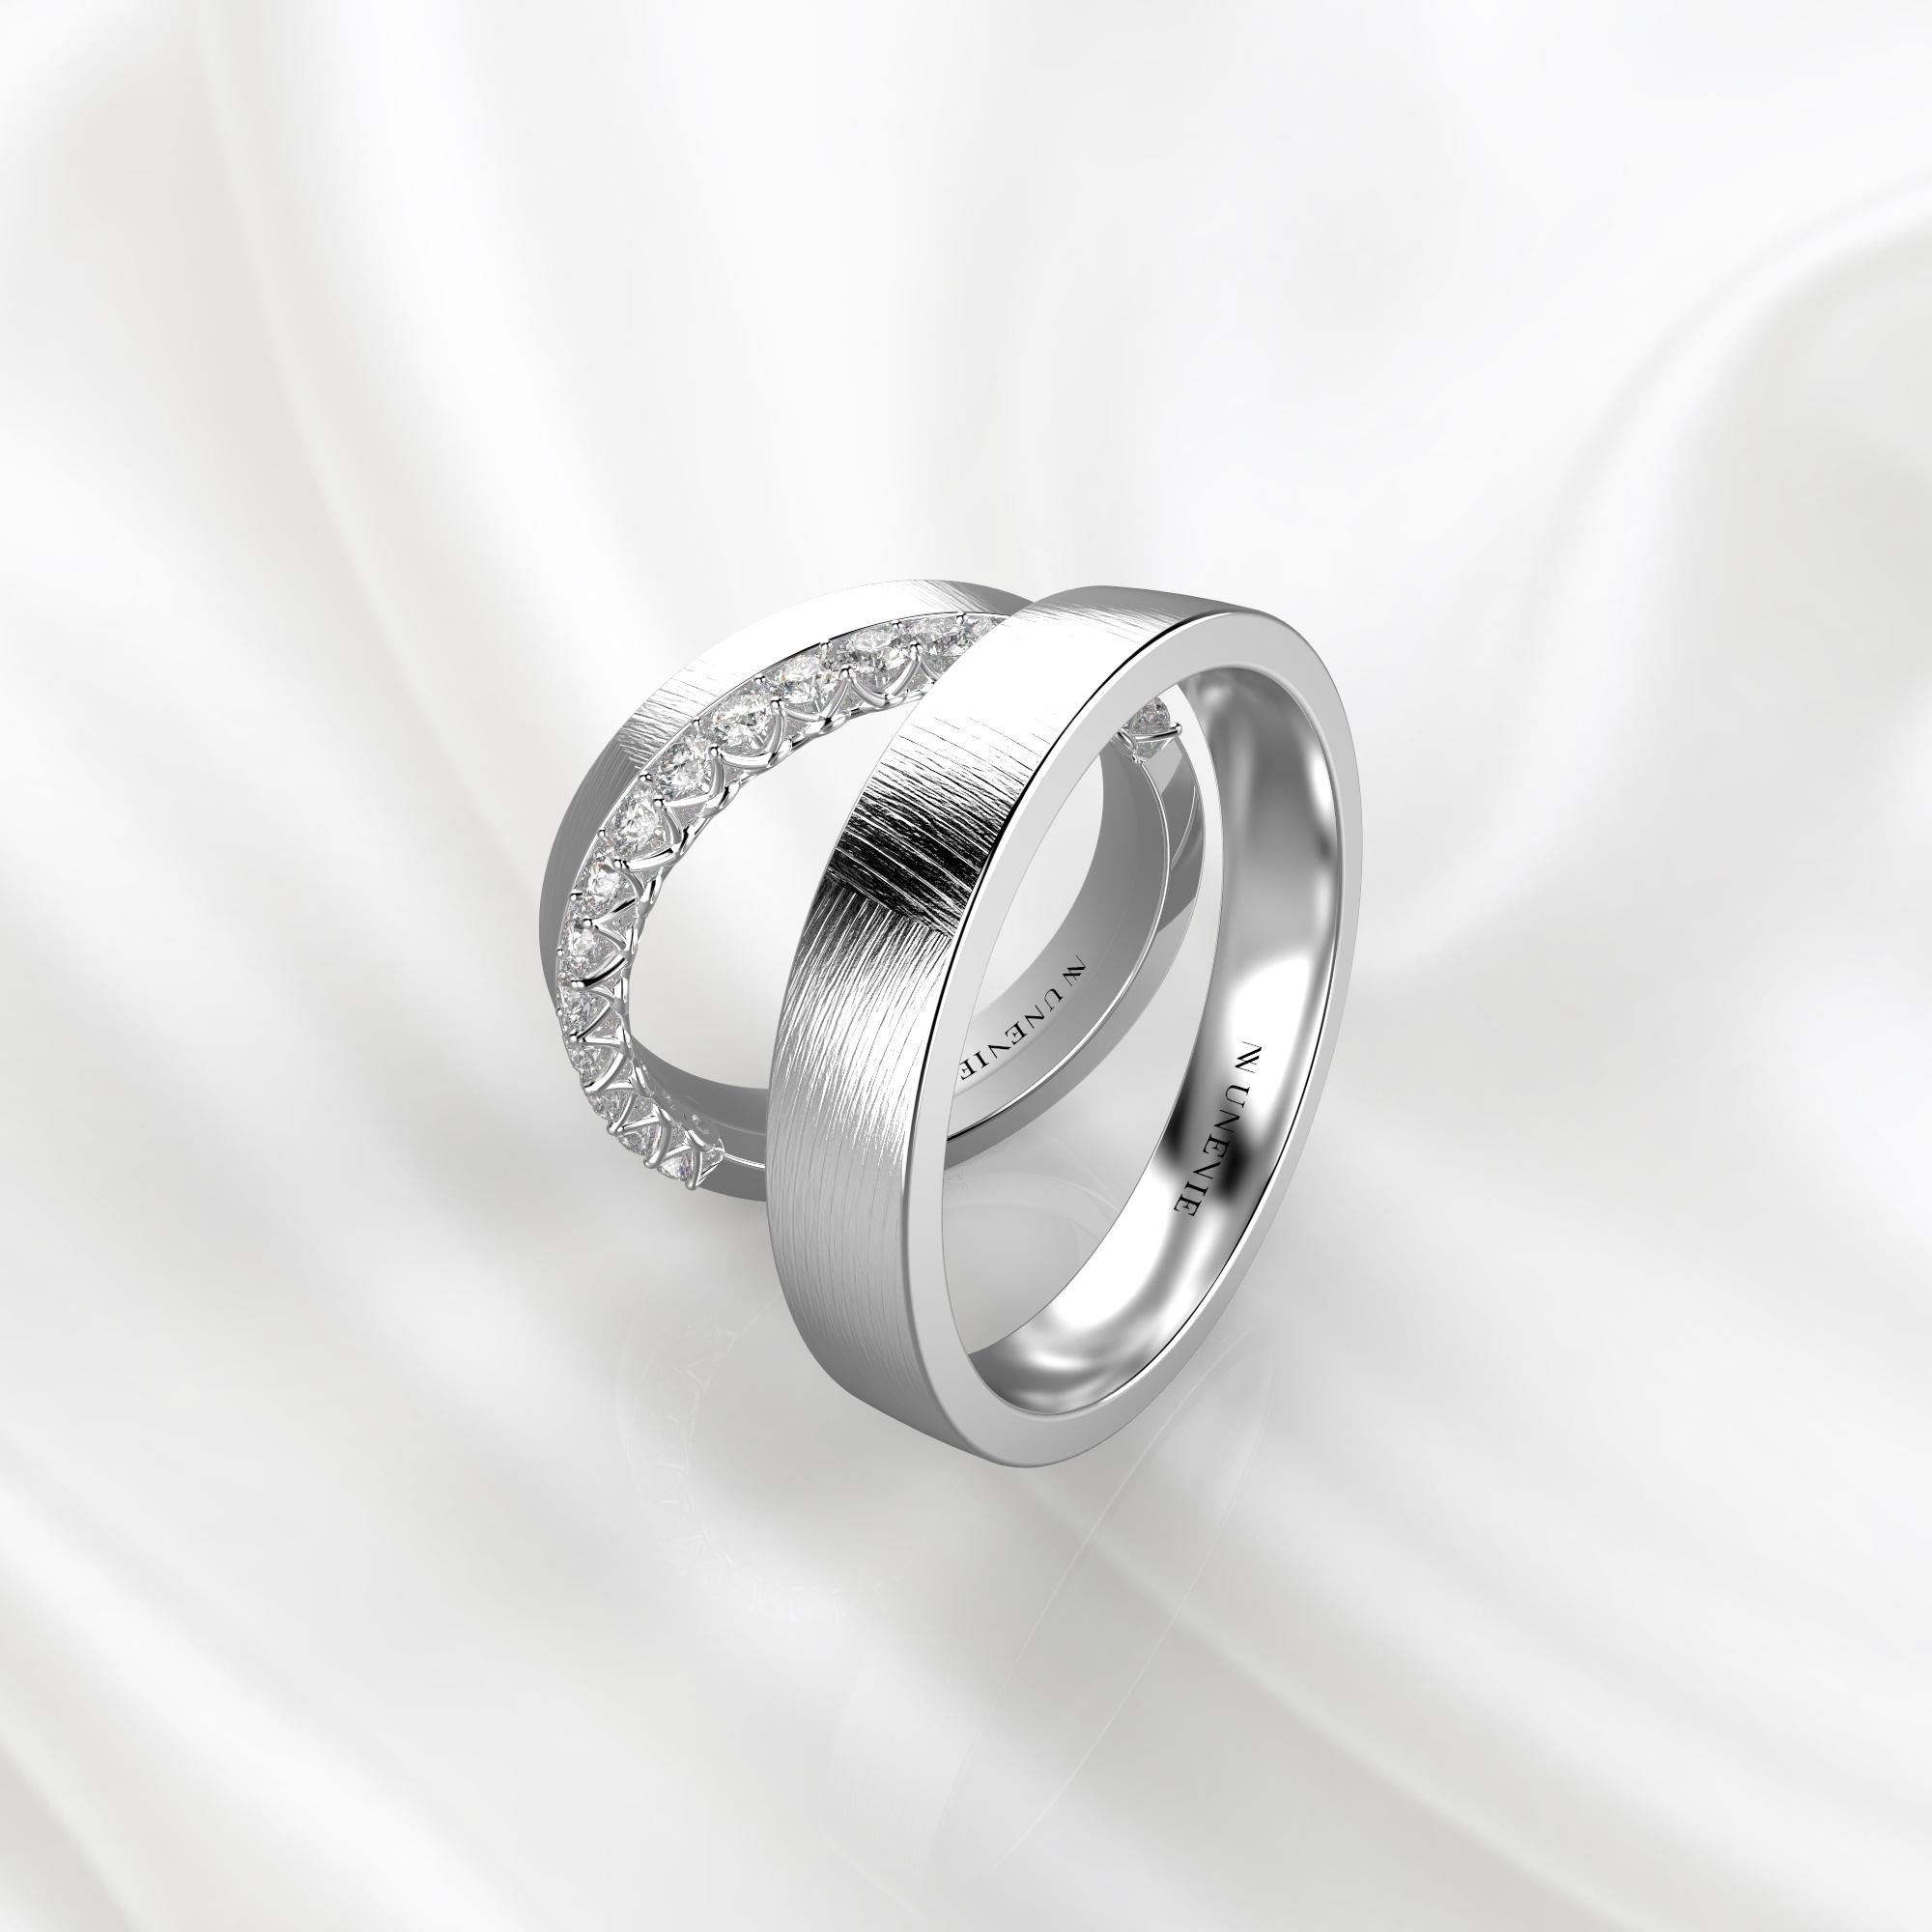 NV84 Парные обручальные кольца из белого золота с бриллиантами